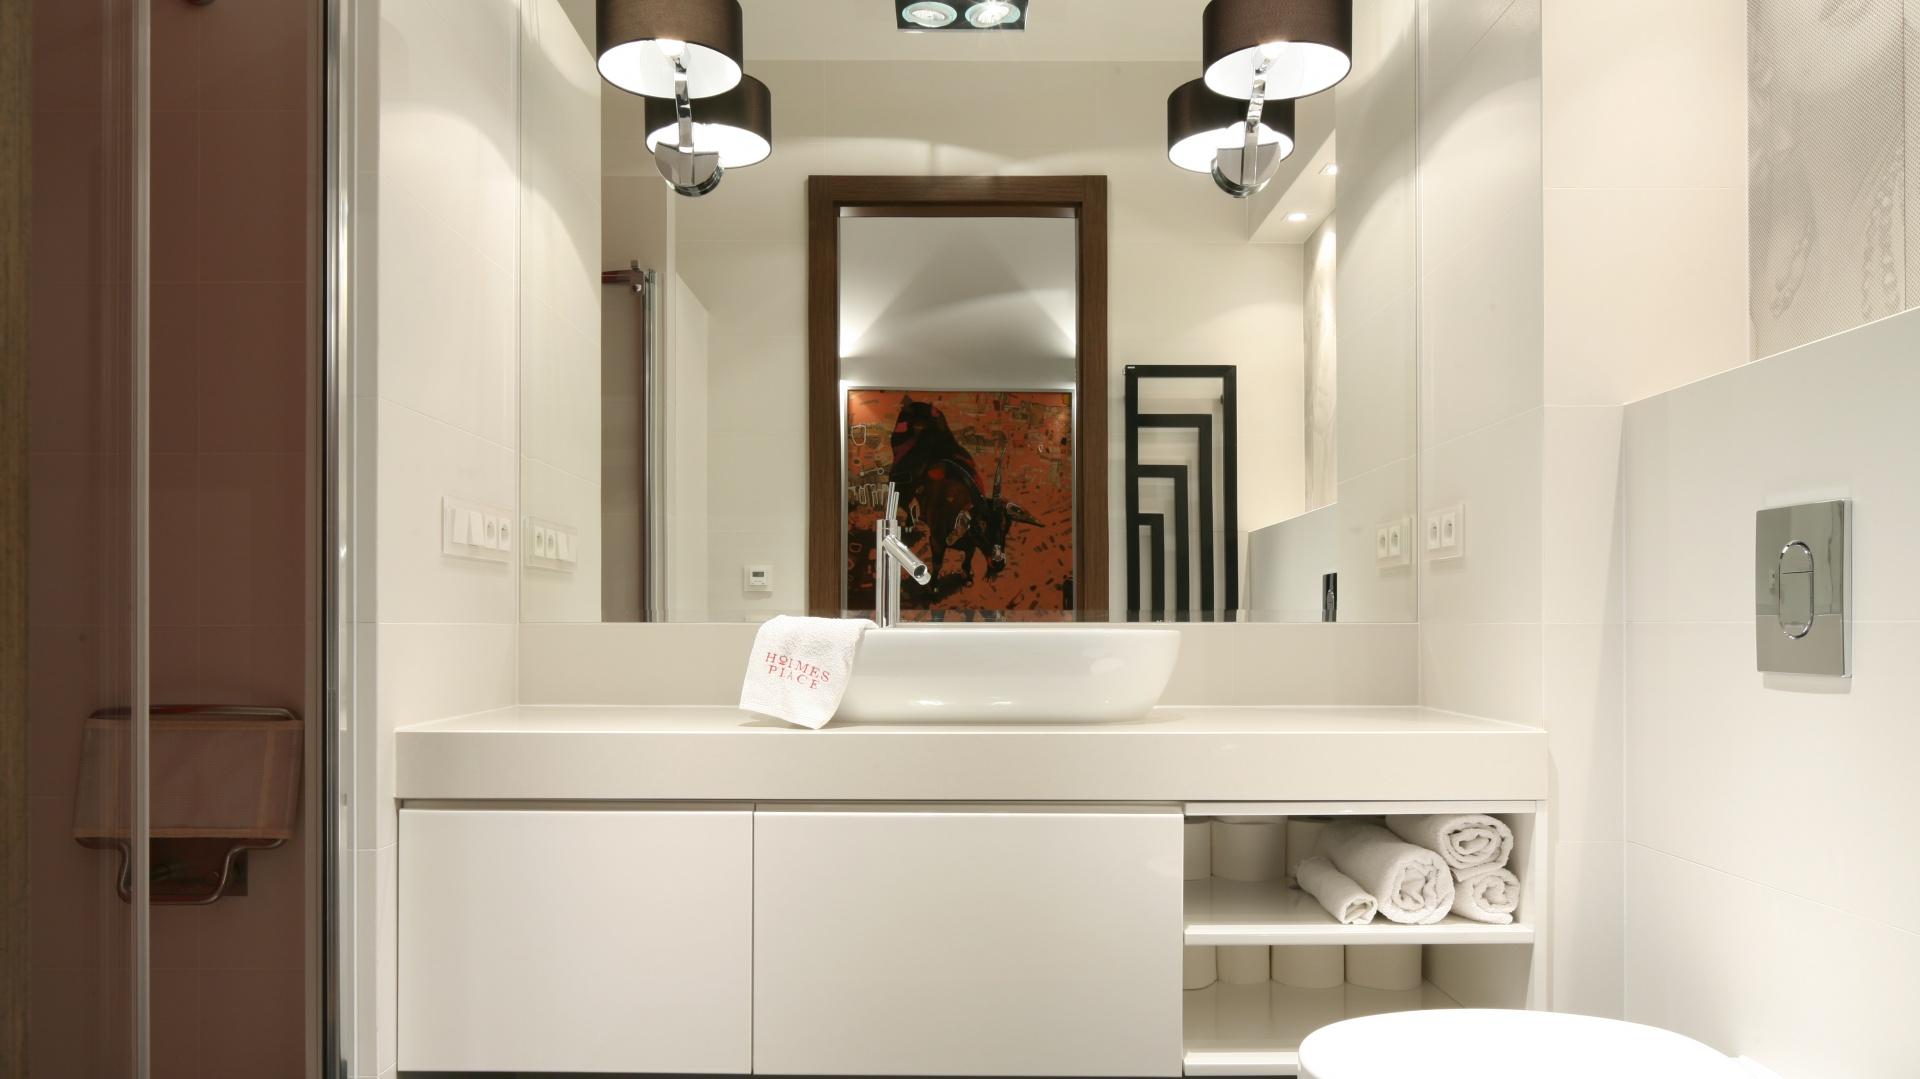 Mała łazienka Zobacz Jak Możesz Ją Powiększyć